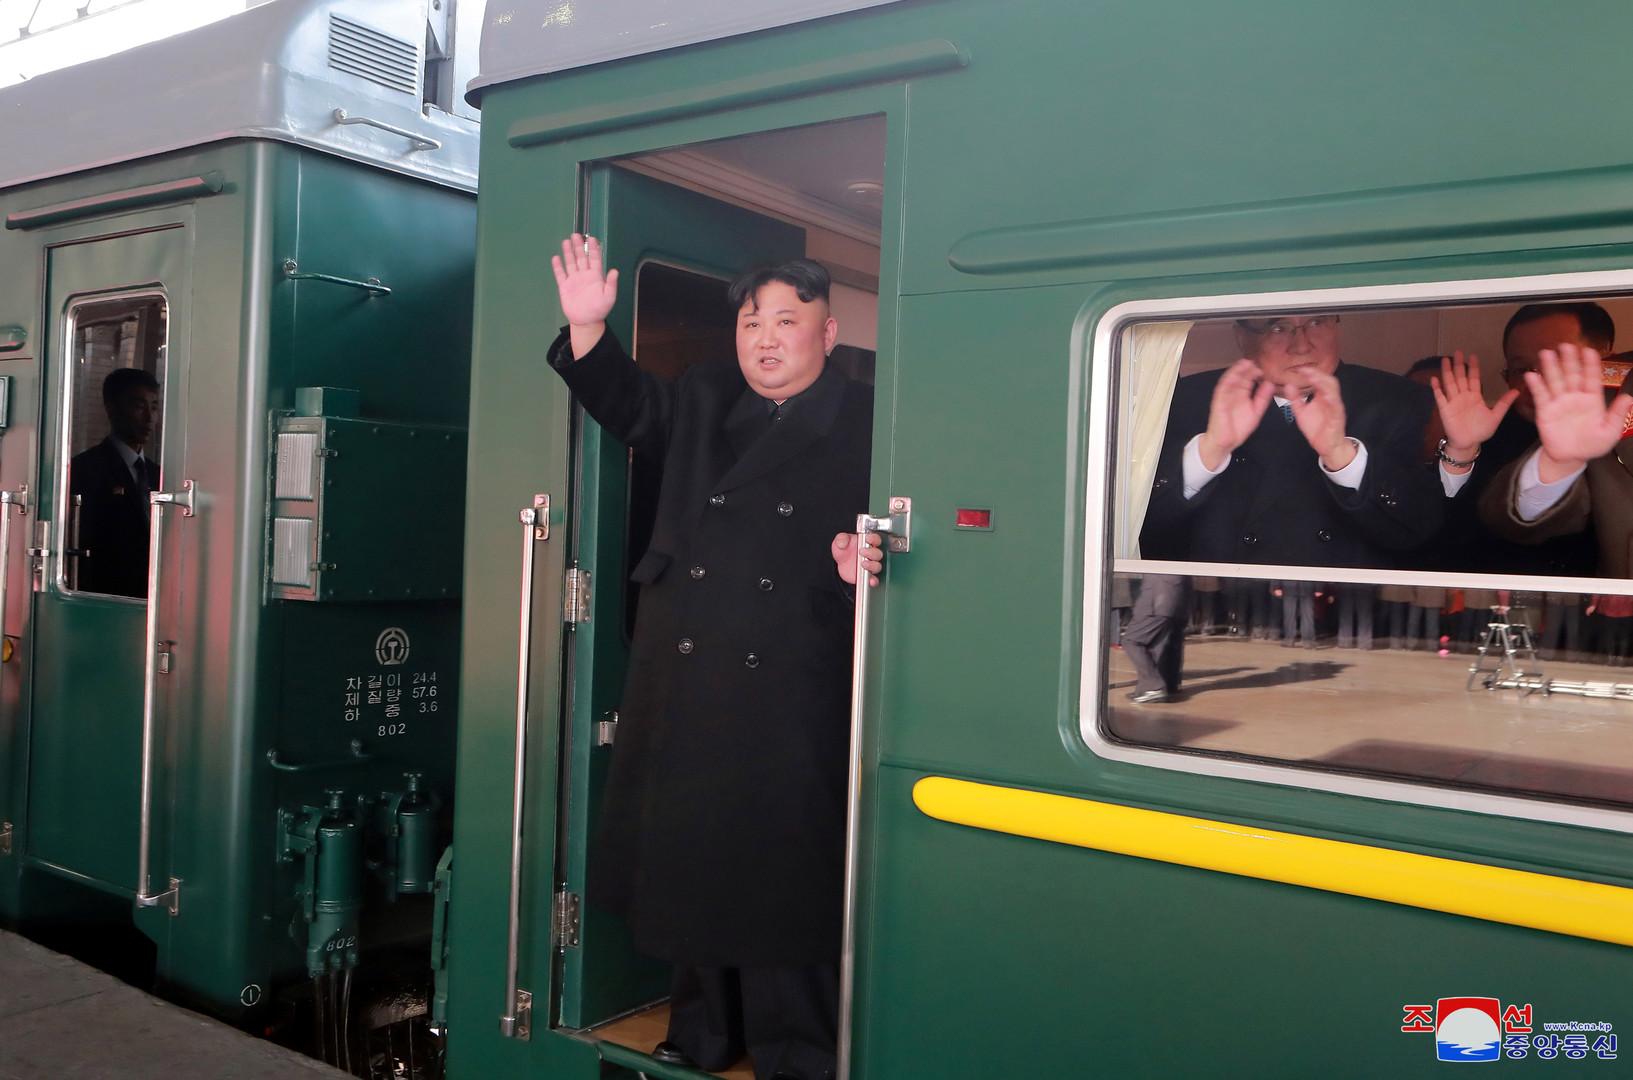 الكرملين: كيم جونغ أون سيزور روسيا قبل نهاية الشهر الجاري